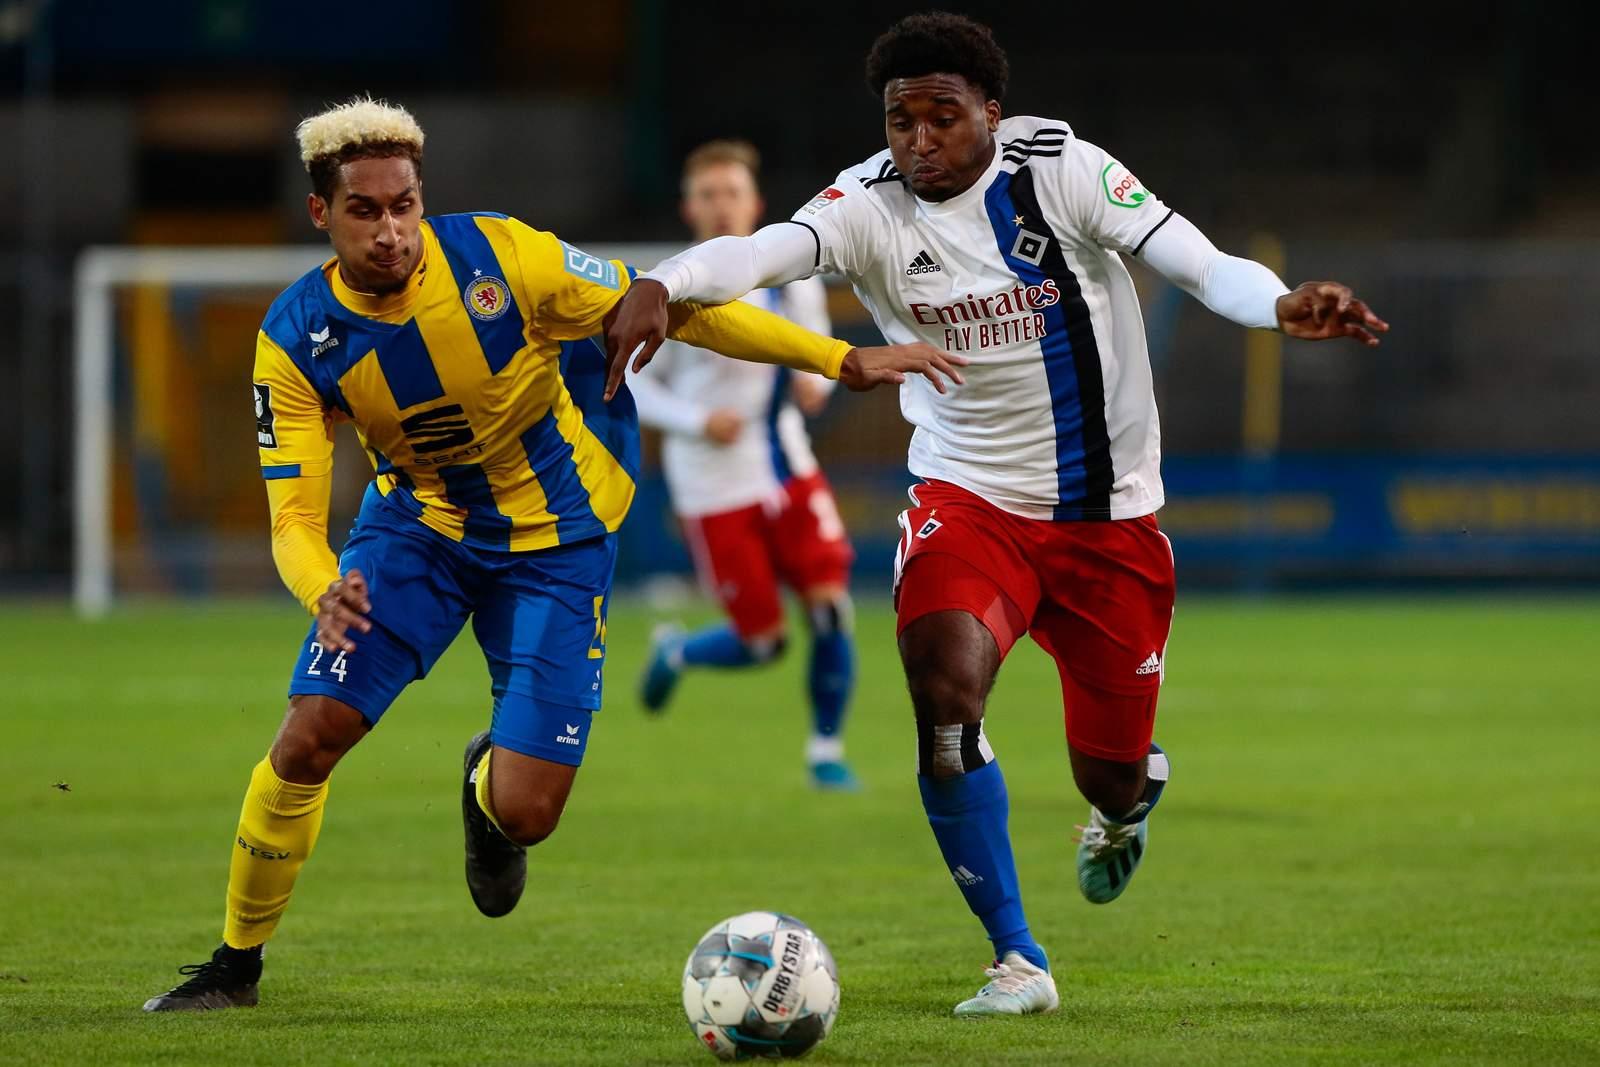 Kevin Goden von Eintracht Braunschweig gegen Travian Sousa vom HSV